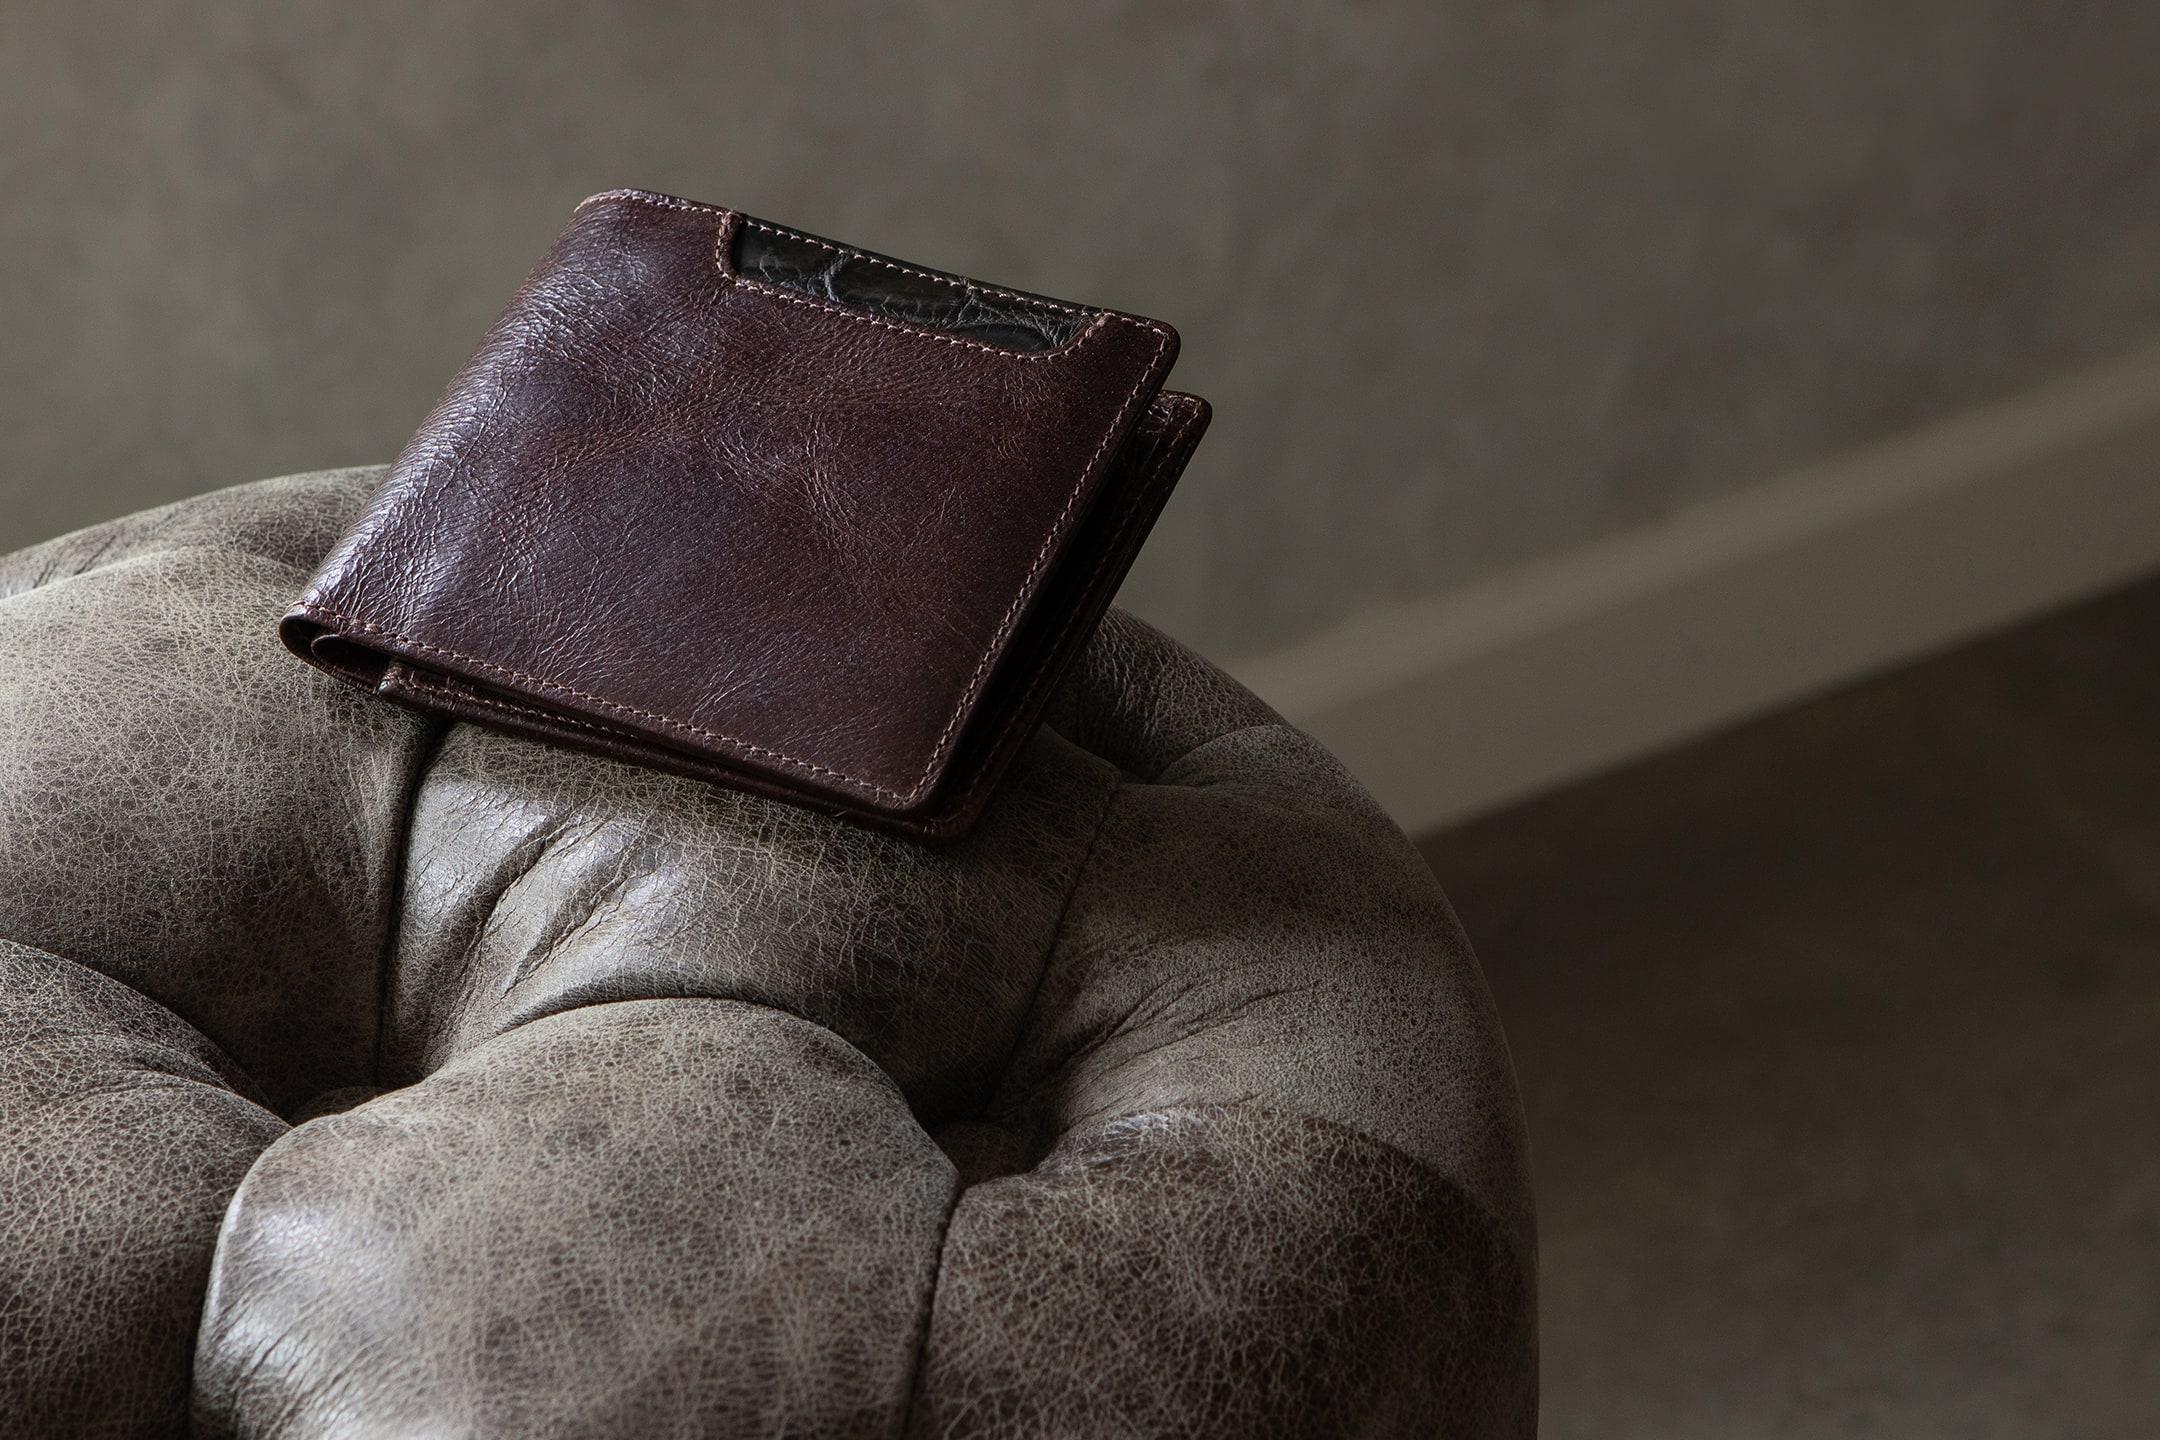 ラセッテー鞣しピッグスキン × クロコダイル 二つ折り財布 by Baggart(バガート)